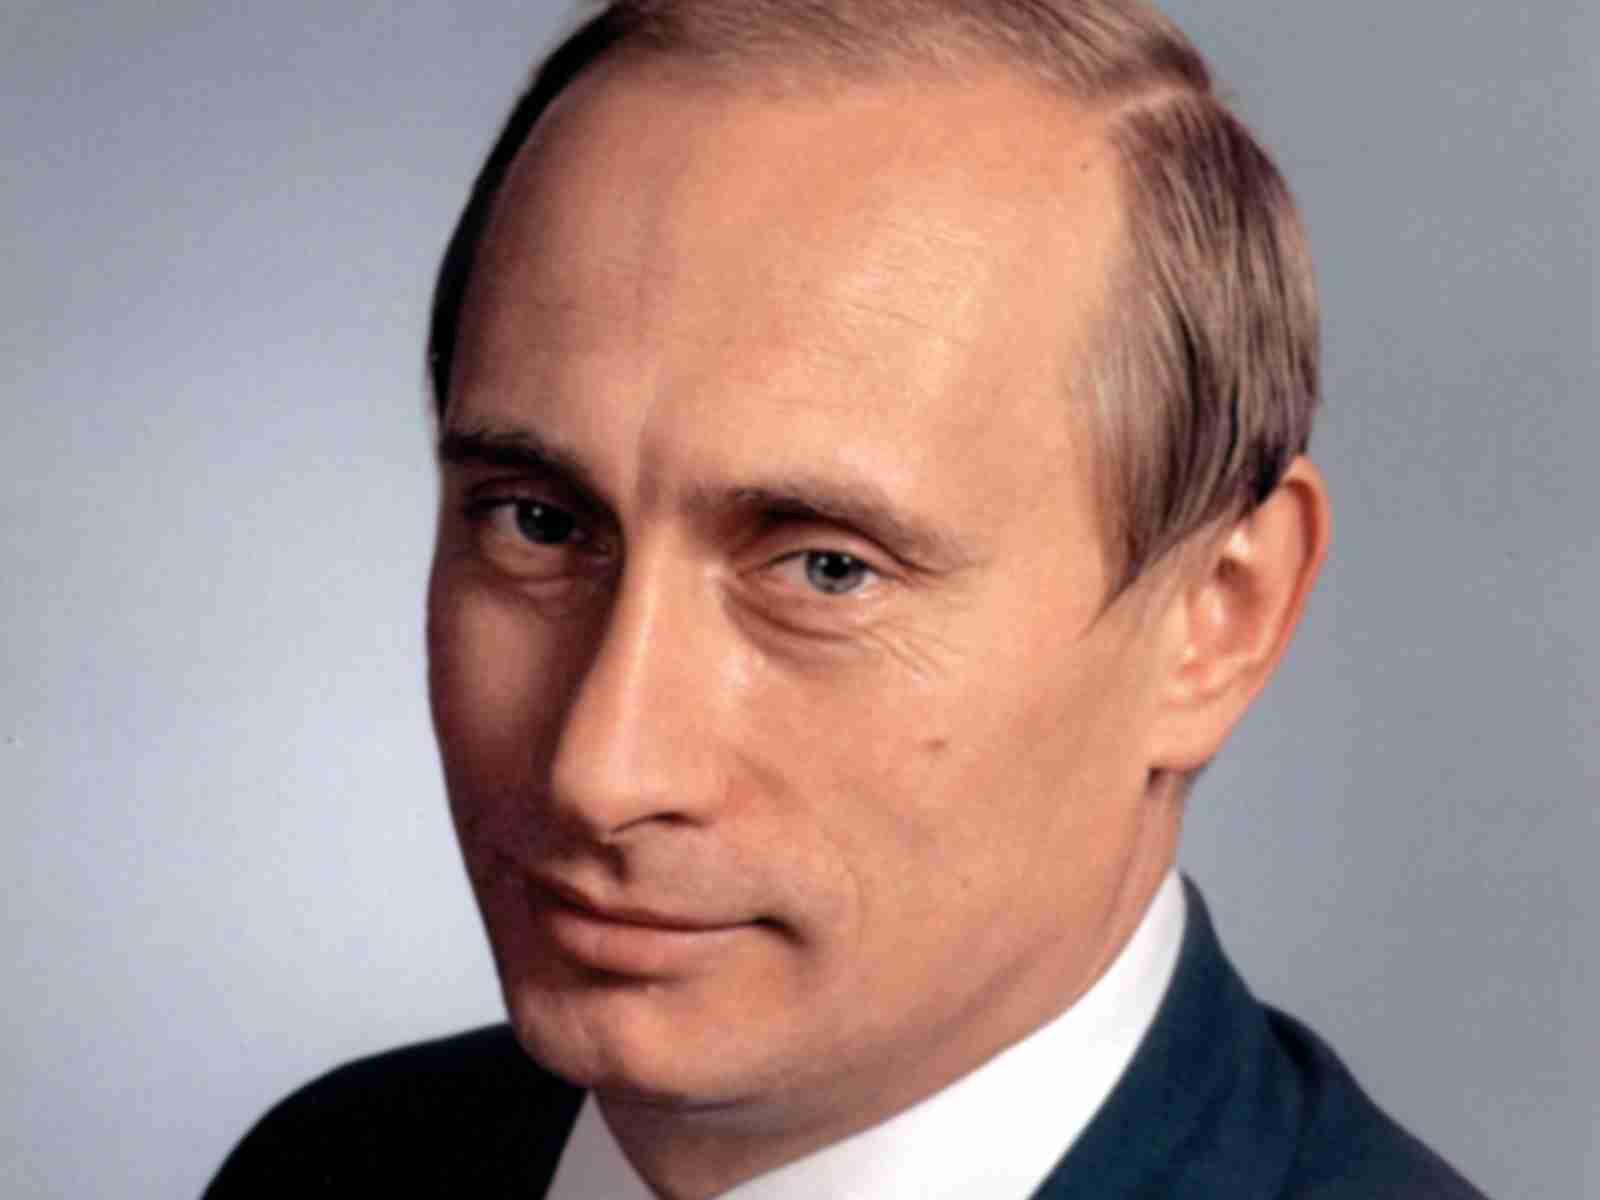 ロシアンビューティーの画像を貼るトピ